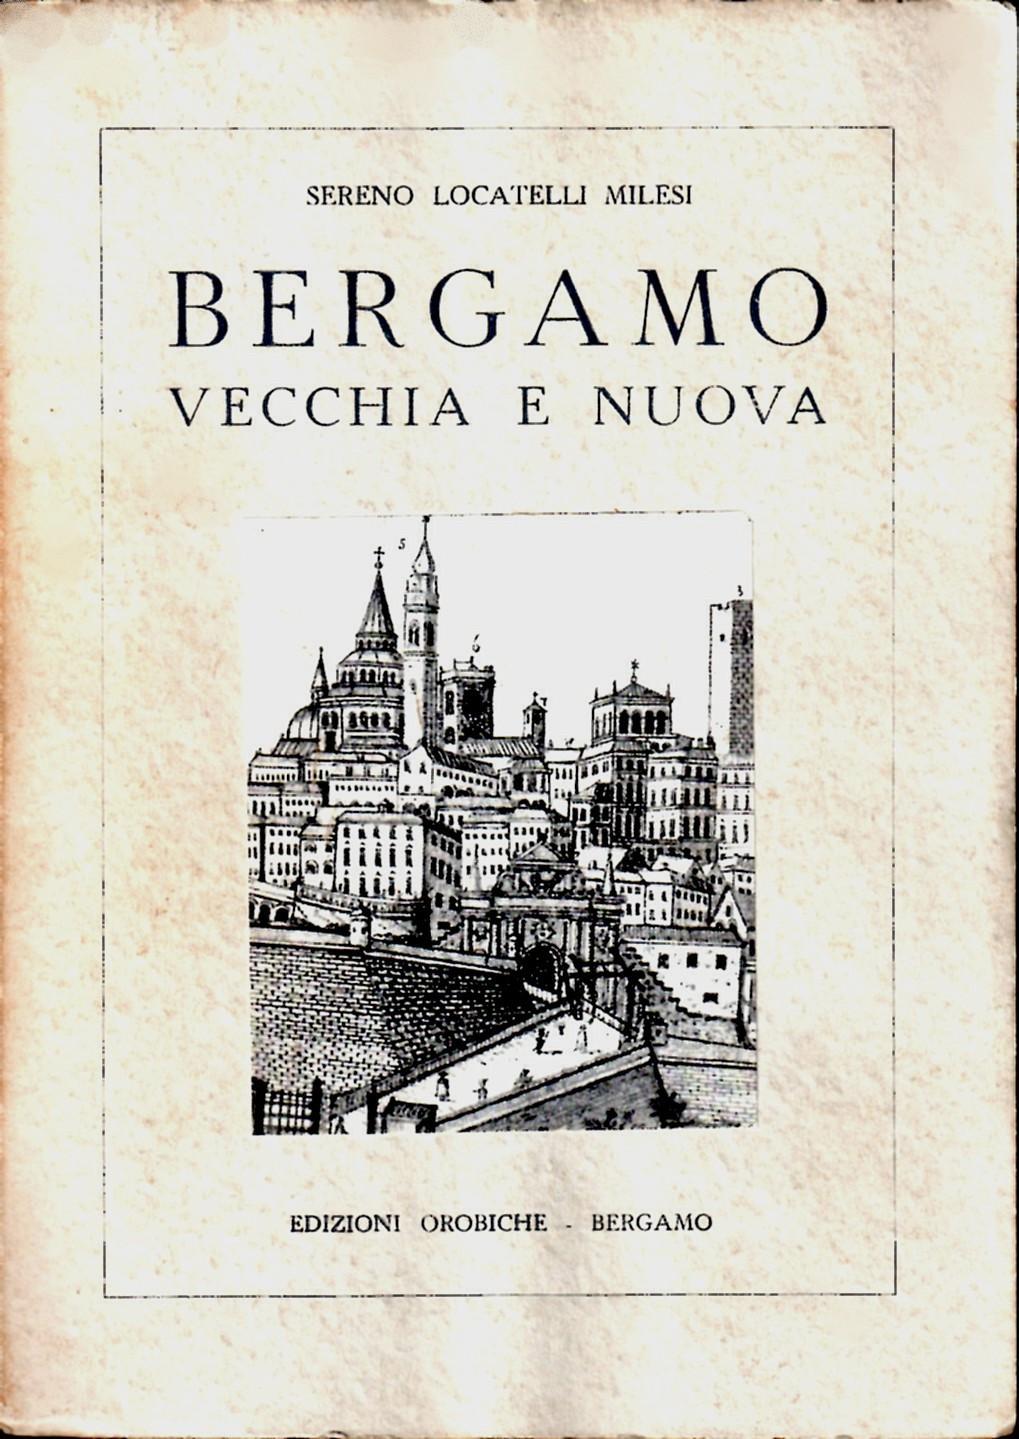 35 - Bergamo vecchia e nuova